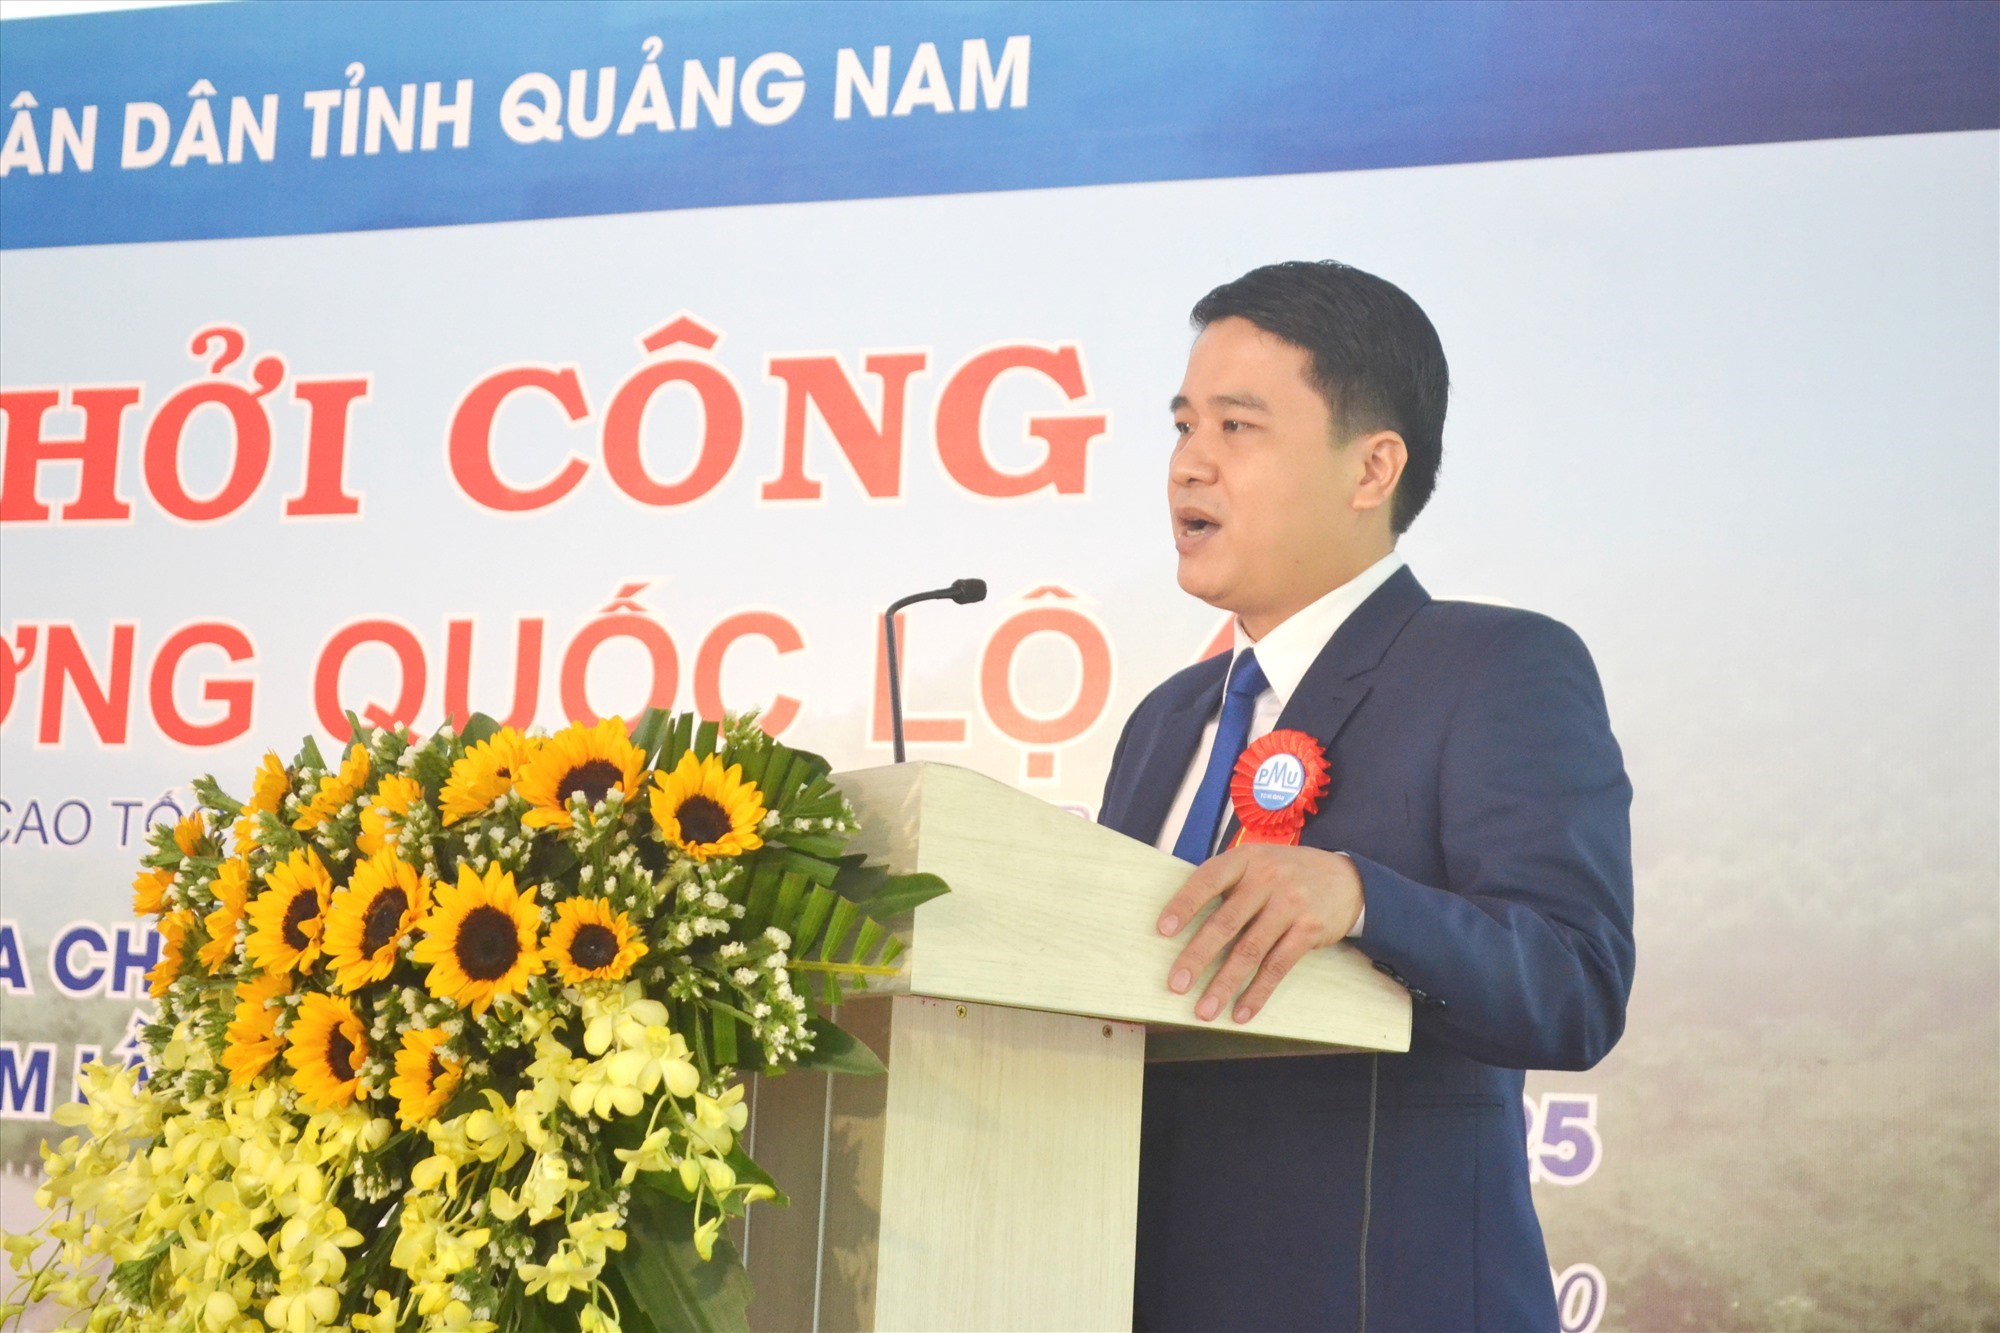 Phó Chủ tịch UBND tỉnh Trần Văn Tân phát lệnh khởi công công trình. Ảnh: CT